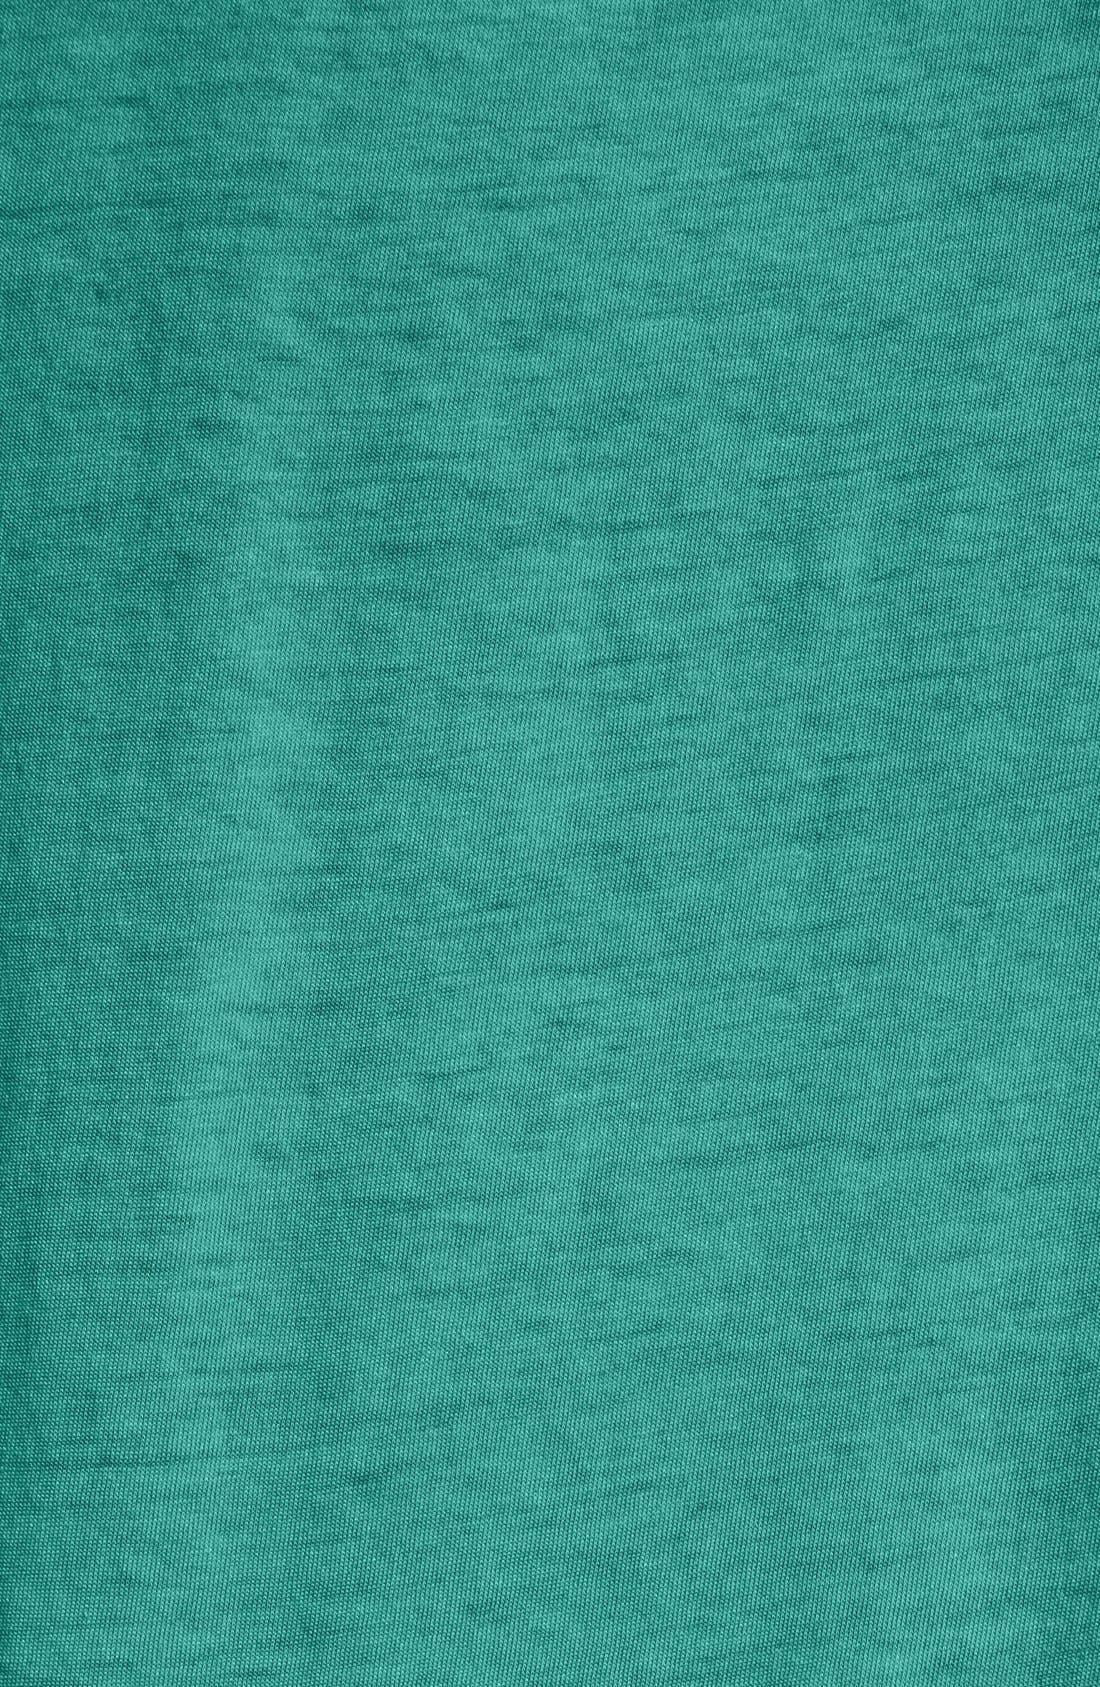 Alternate Image 3  - BOSS Orange 'Toulouse' V-Neck T-Shirt